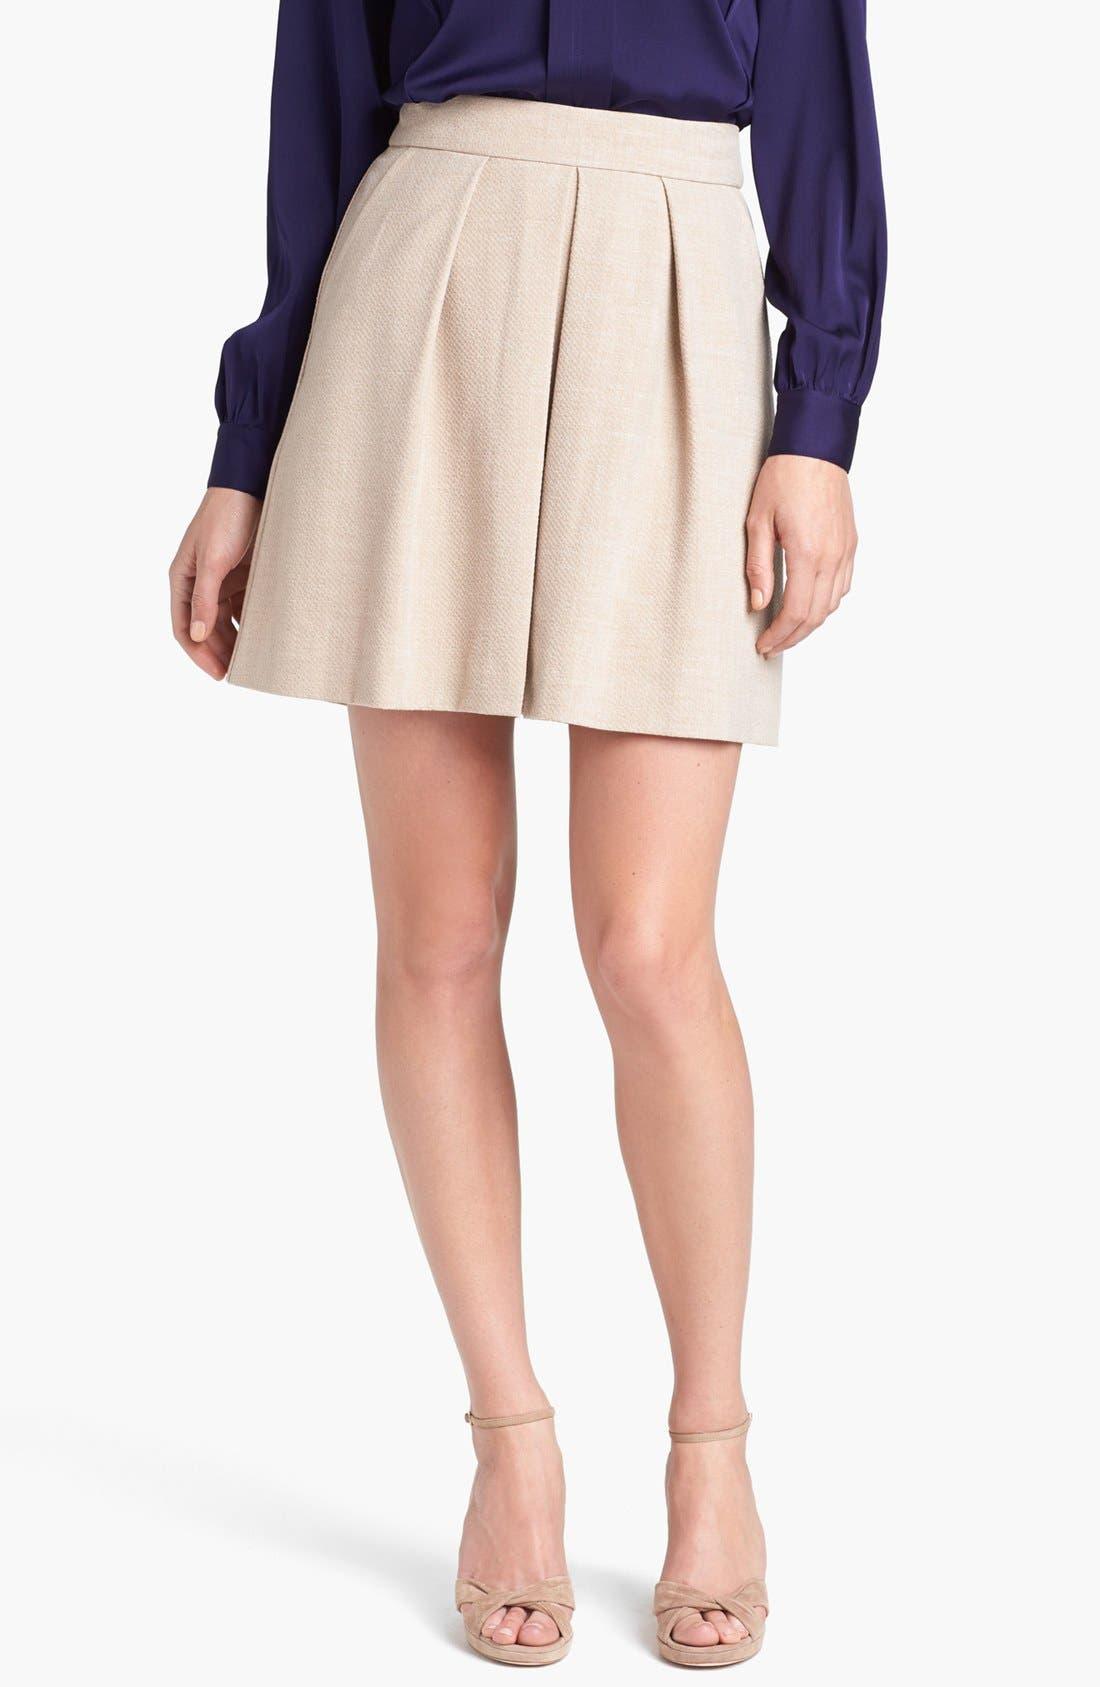 Alternate Image 1 Selected - Trina Turk 'Kimbra' Pleated Skirt